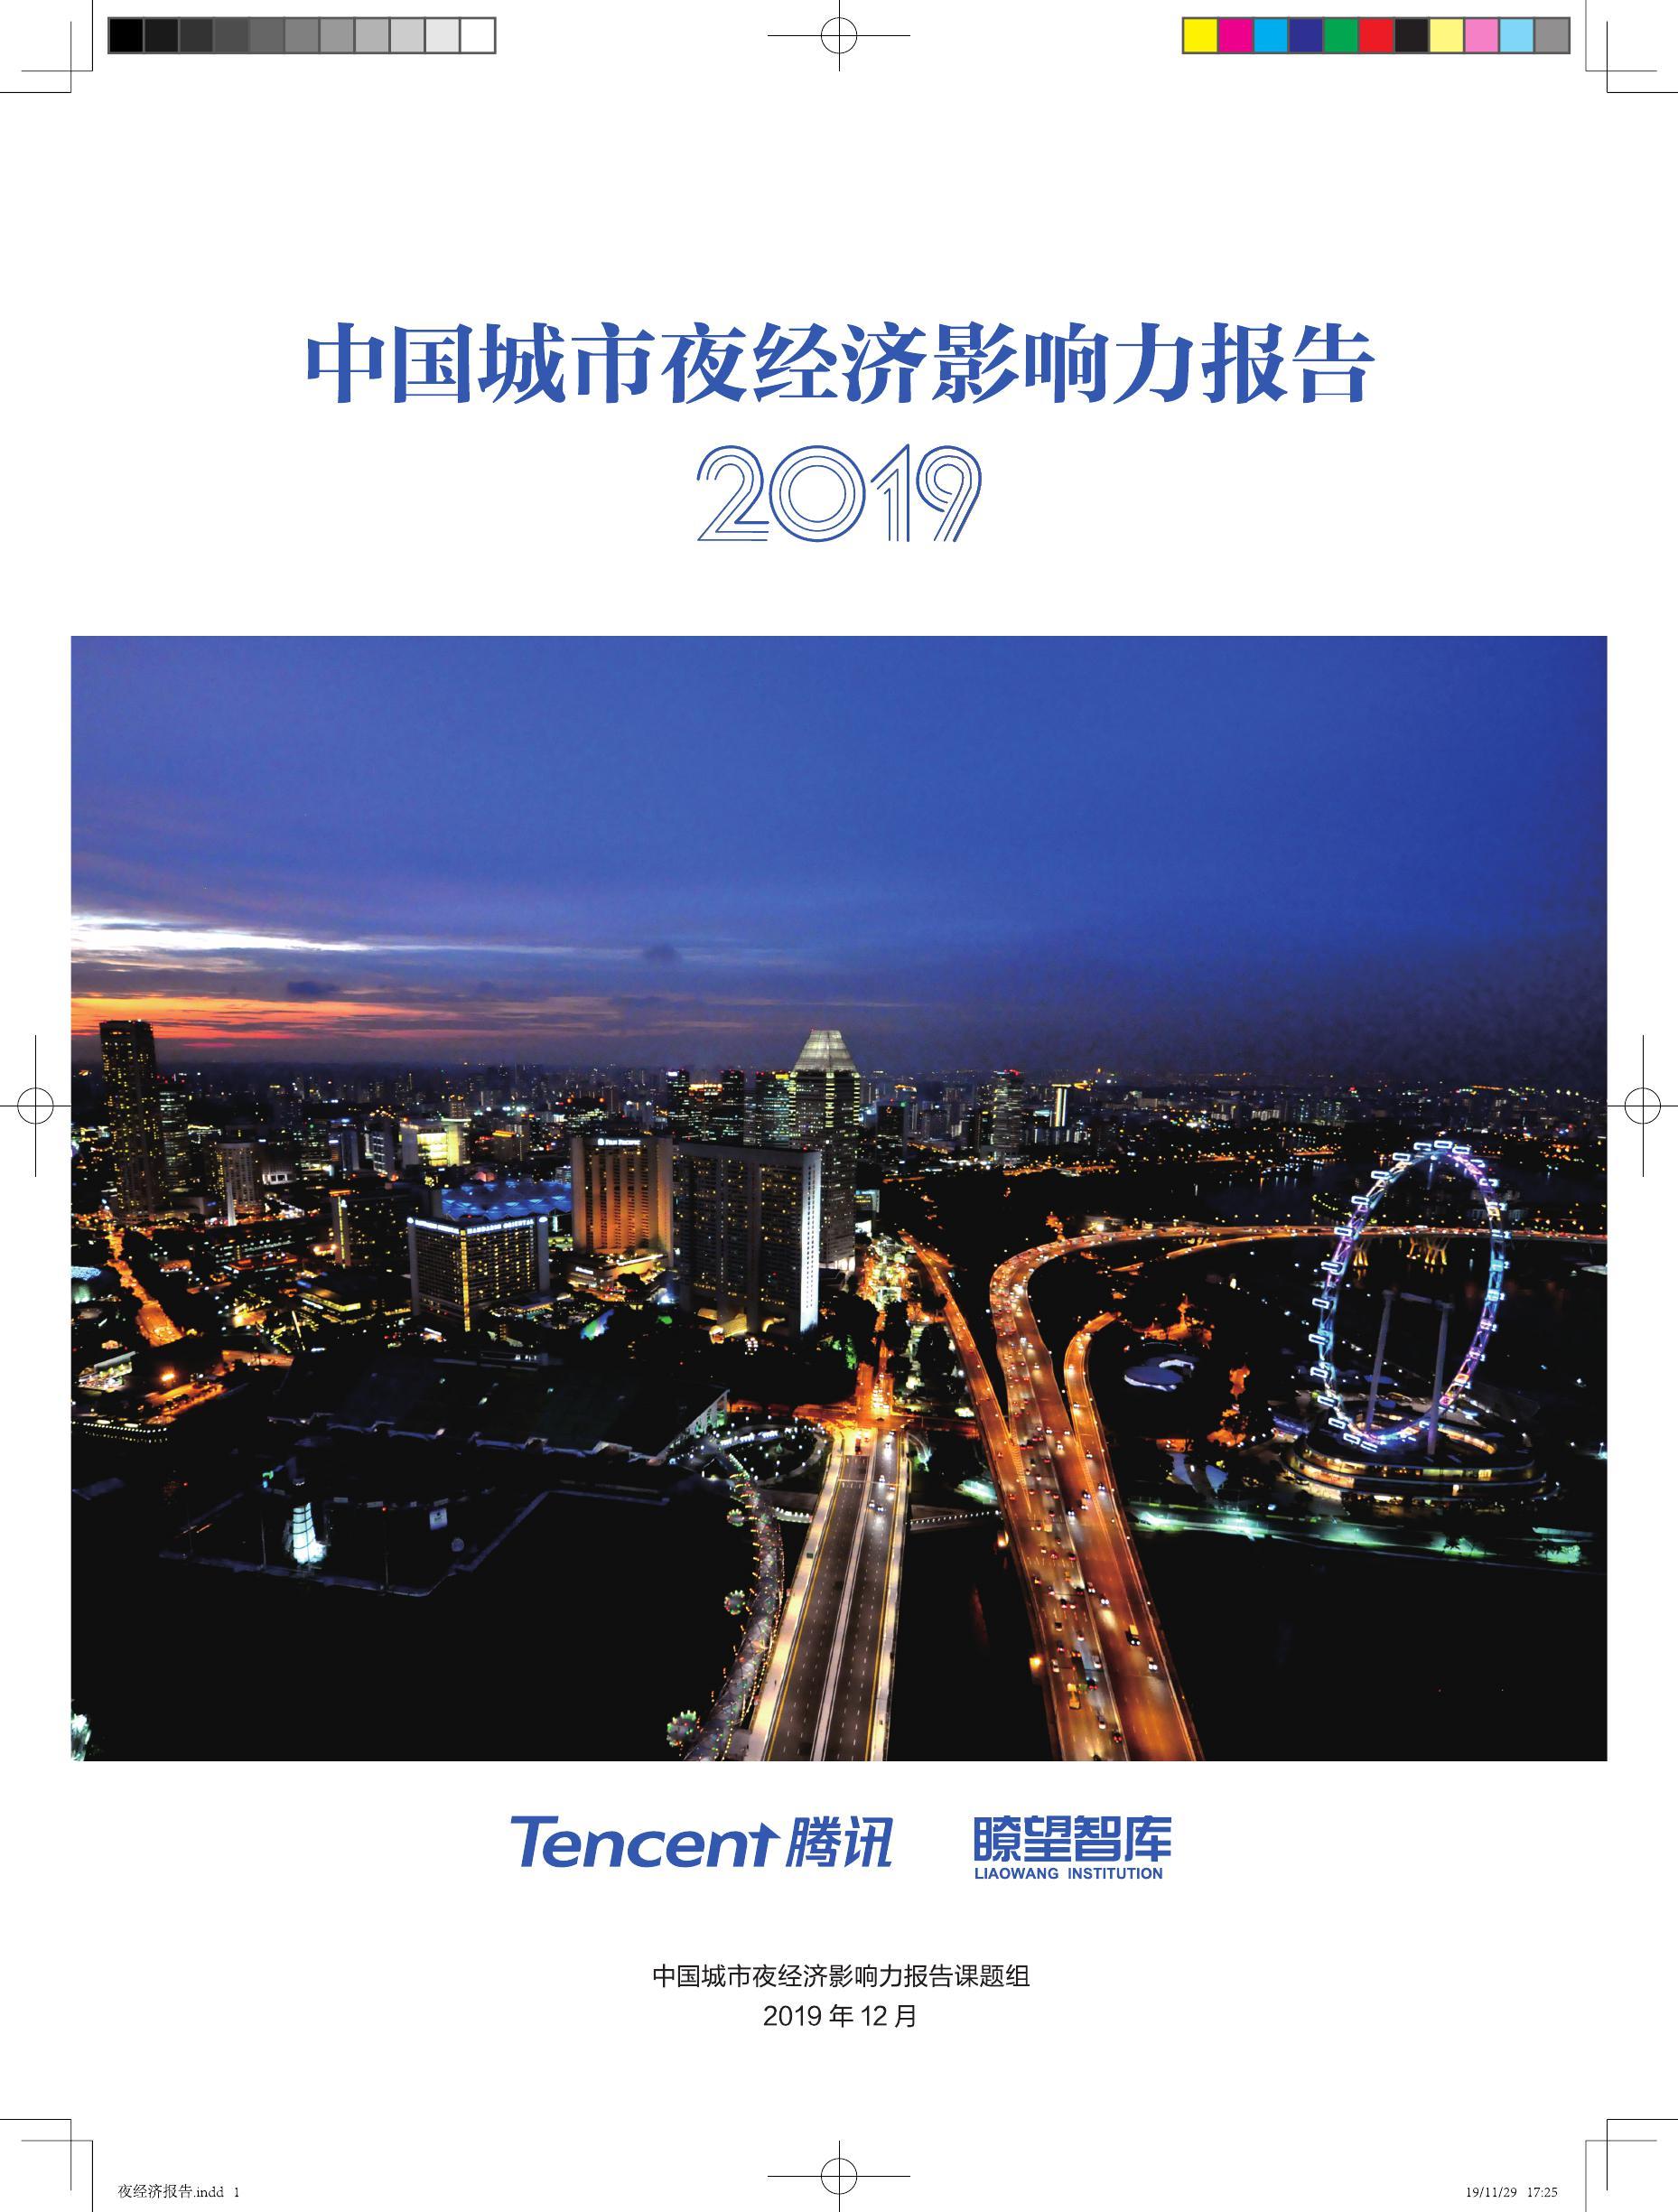 腾讯&瞭望智库:2019中国城市夜经济影响力报告(附下载)